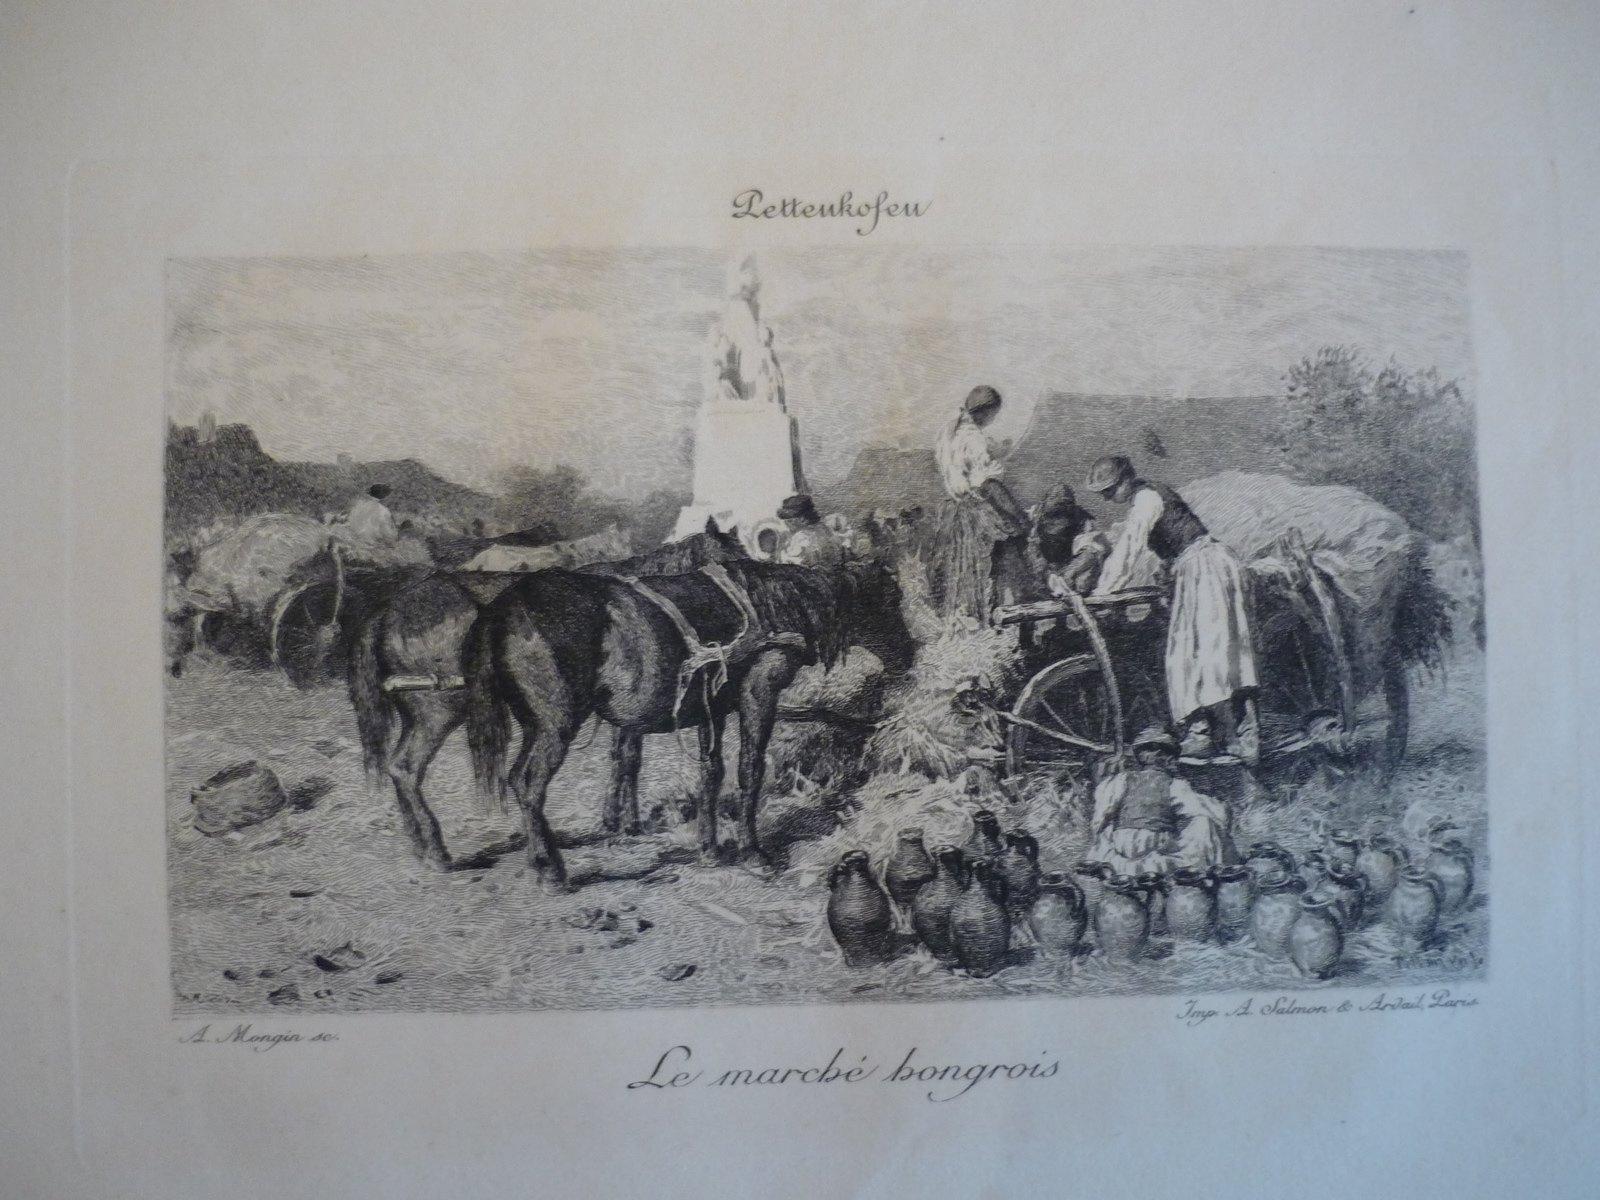 Le marché hongrois